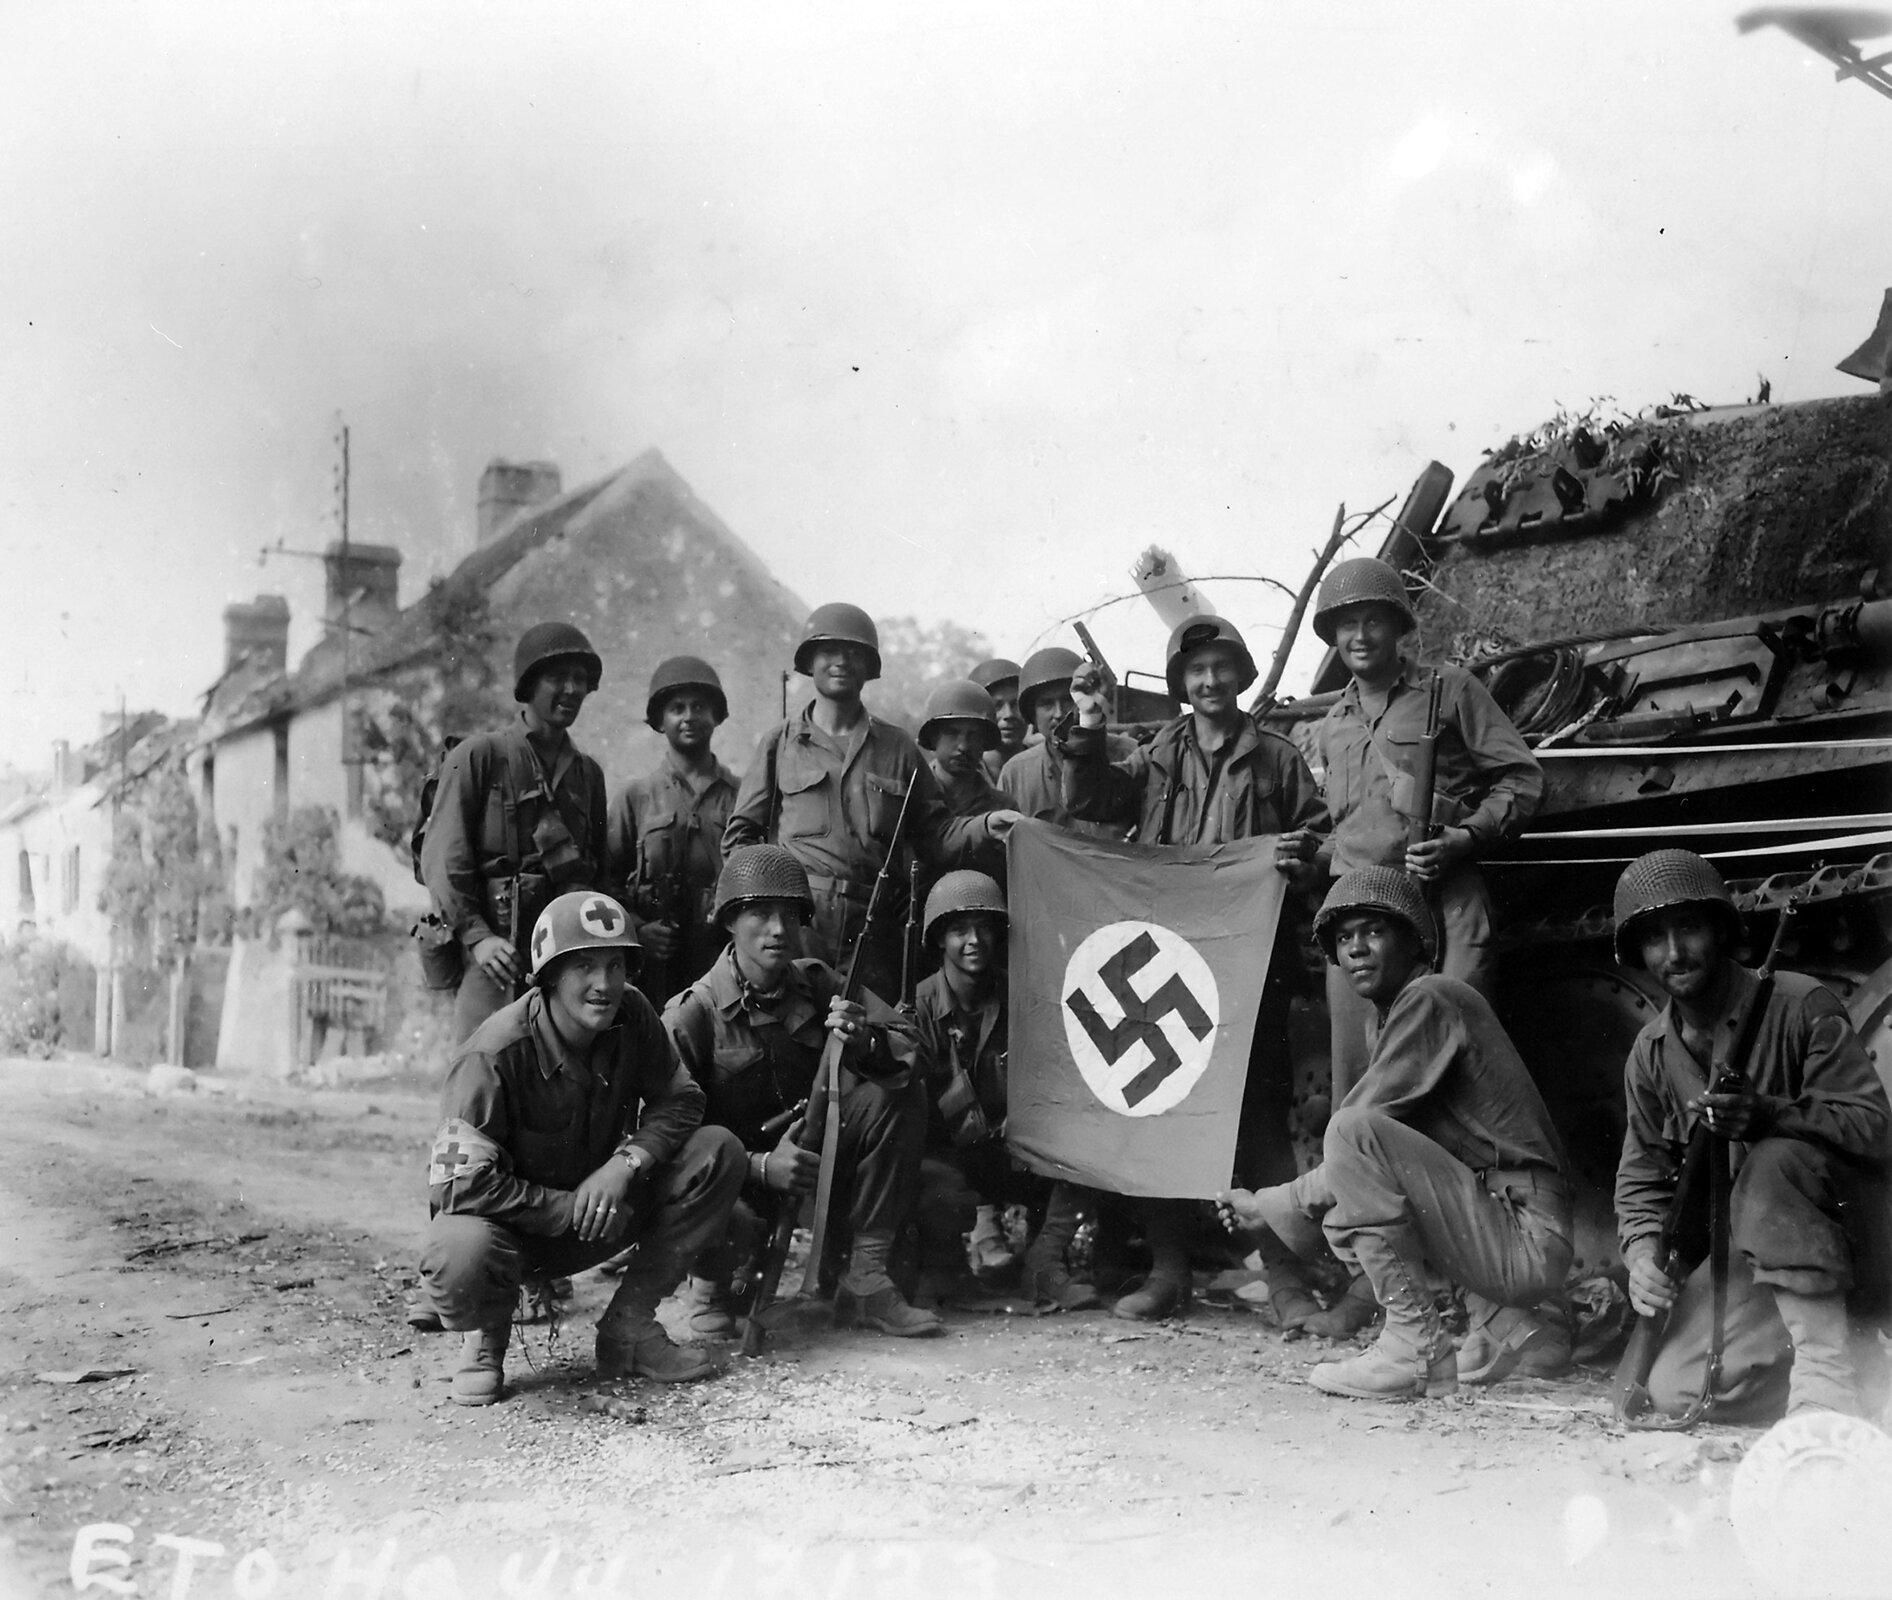 Amerykańscy żołnierze wFalais Źródło: Amerykańscy żołnierze wFalais, Fotografia, Narodowe Archiwum USA, domena publiczna.